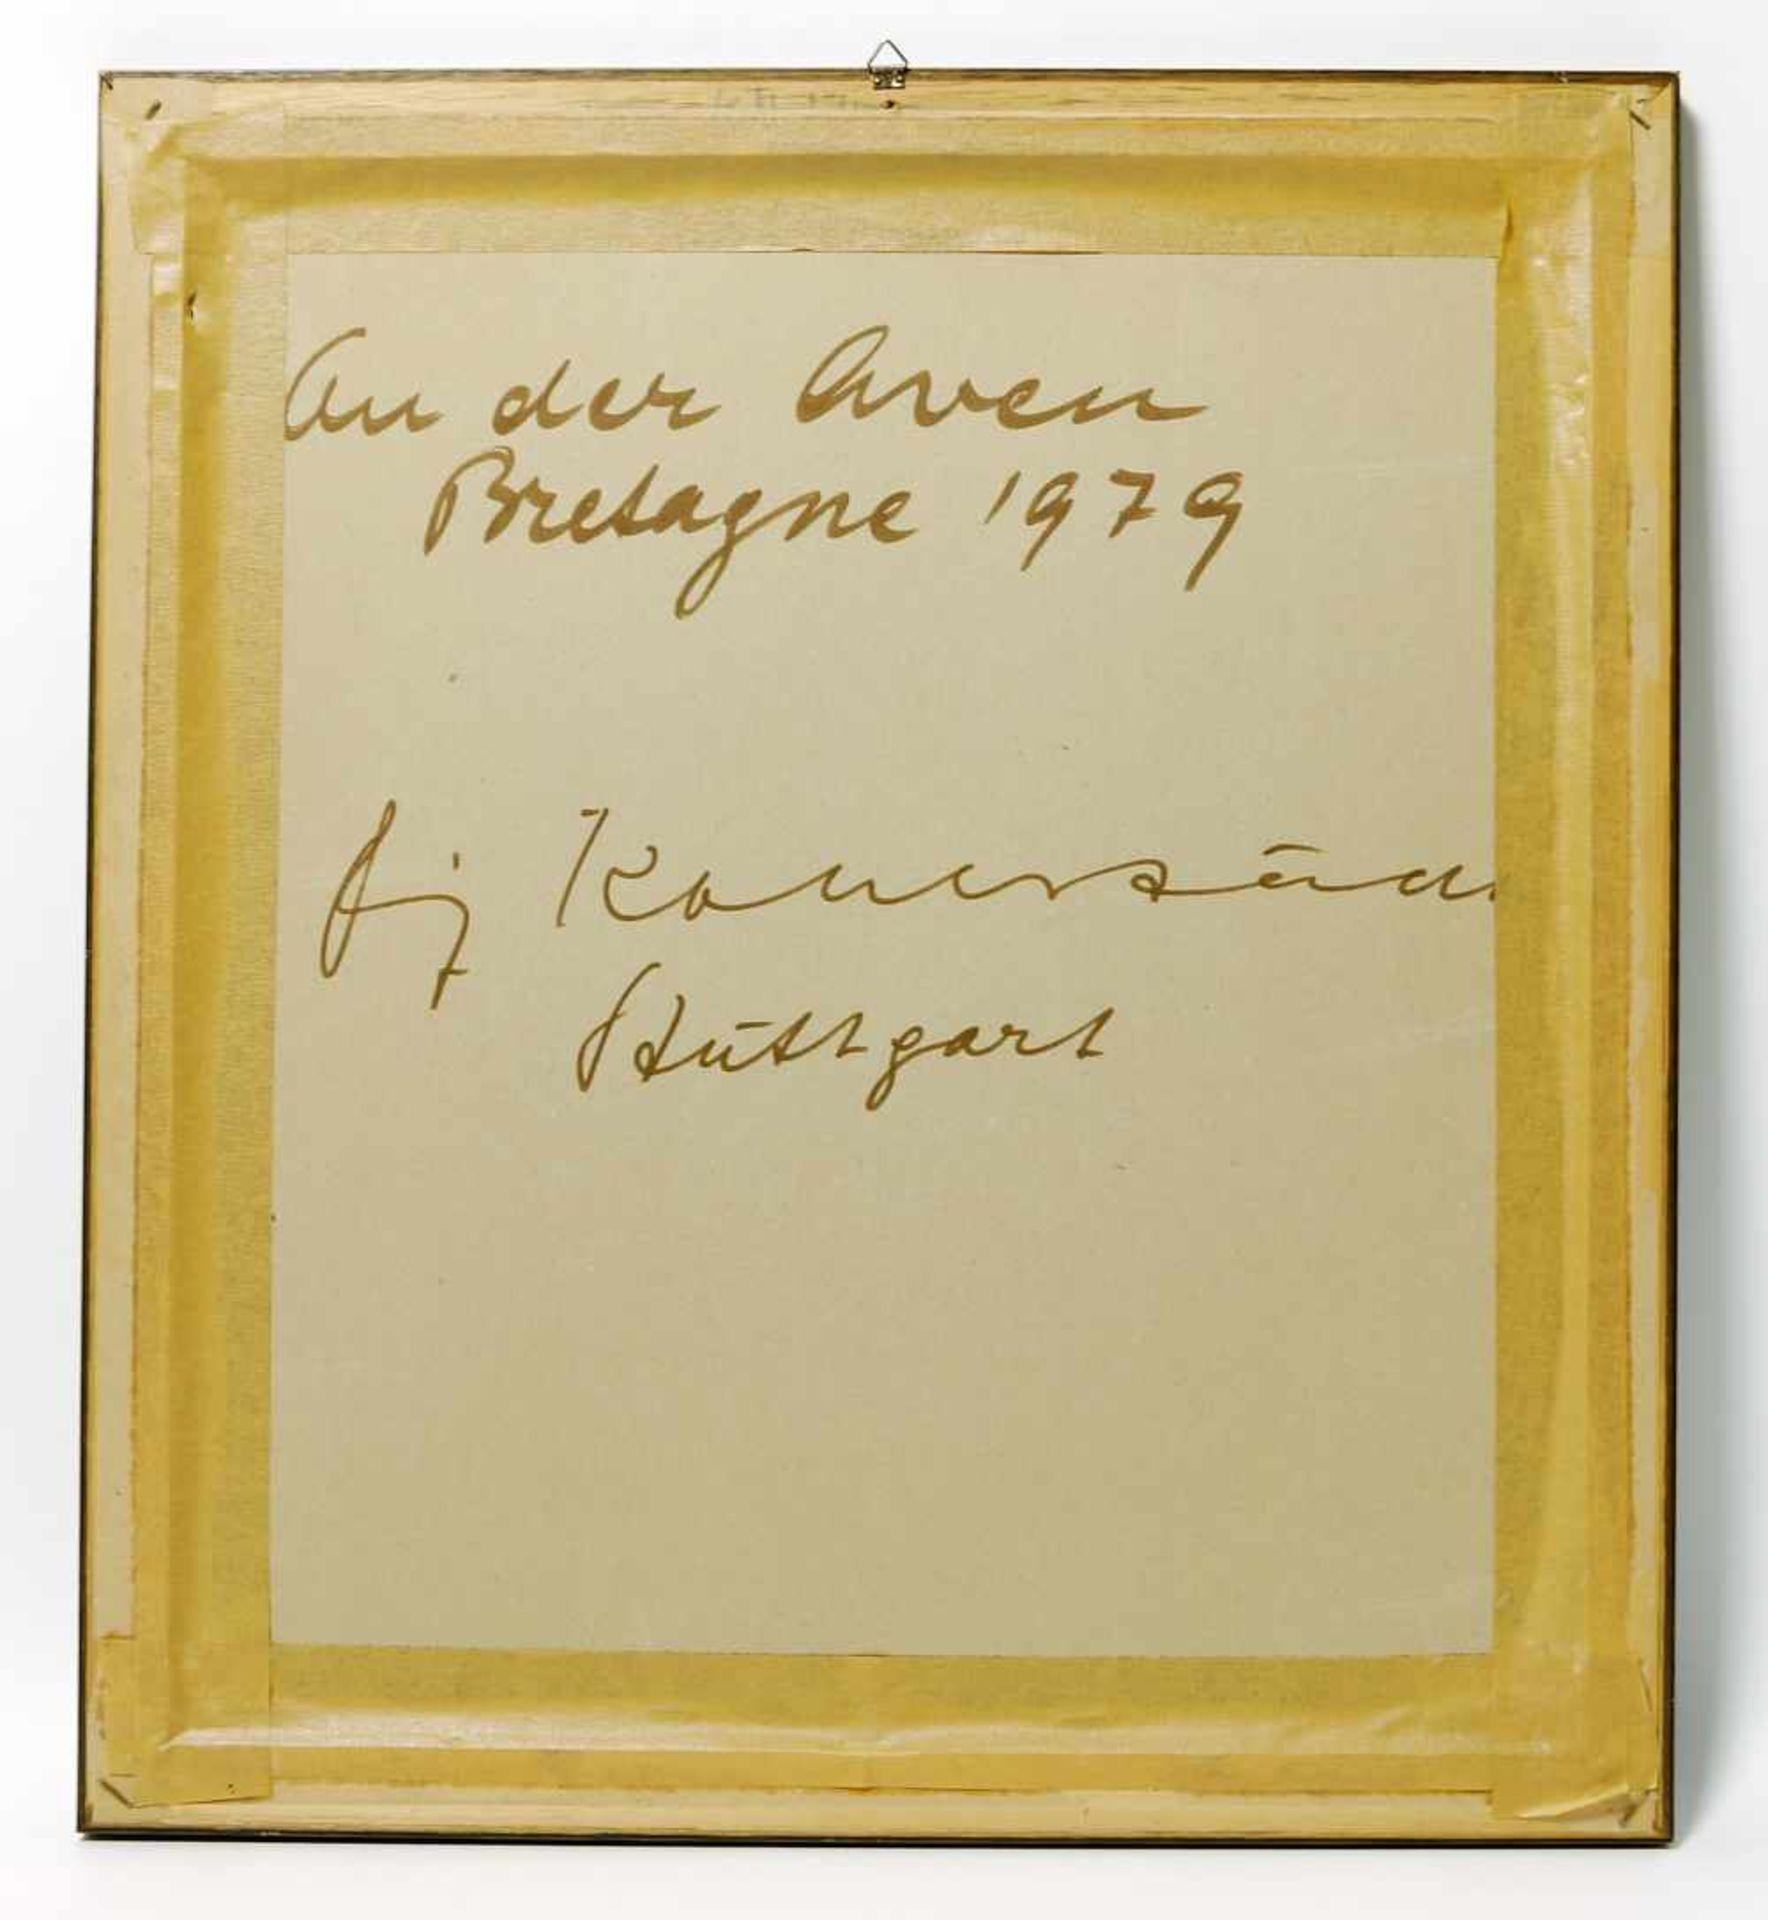 Los 52 - FRITZ KOHLSTÄDT. An der Aven/ Bretagne 1979, Wachskreide auf Papier, signiert und datiert.